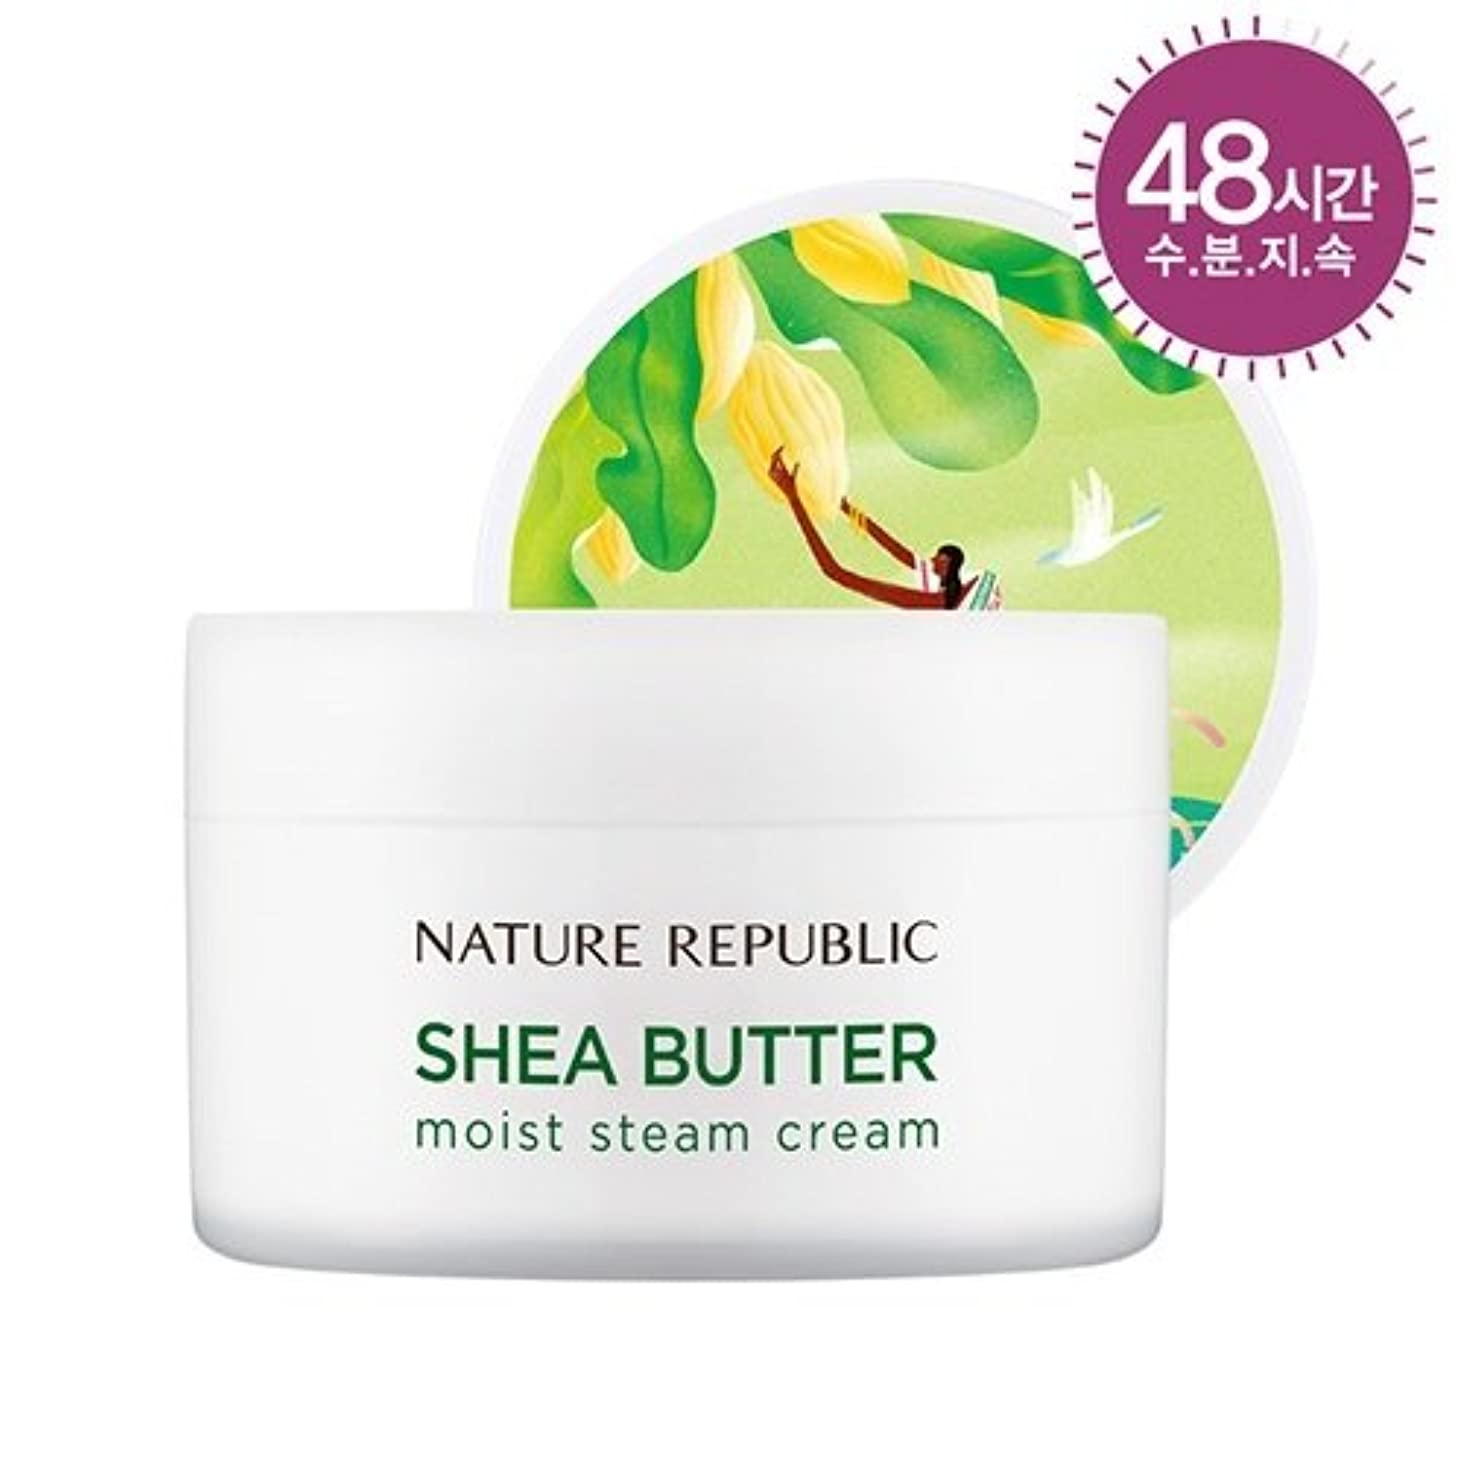 利用可能中止します信じるNATURE REPUBLIC(ネイチャーリパブリック) SHEA BUTTER STEAM CREAM シアバター スチーム クリーム #モイスト乾燥肌